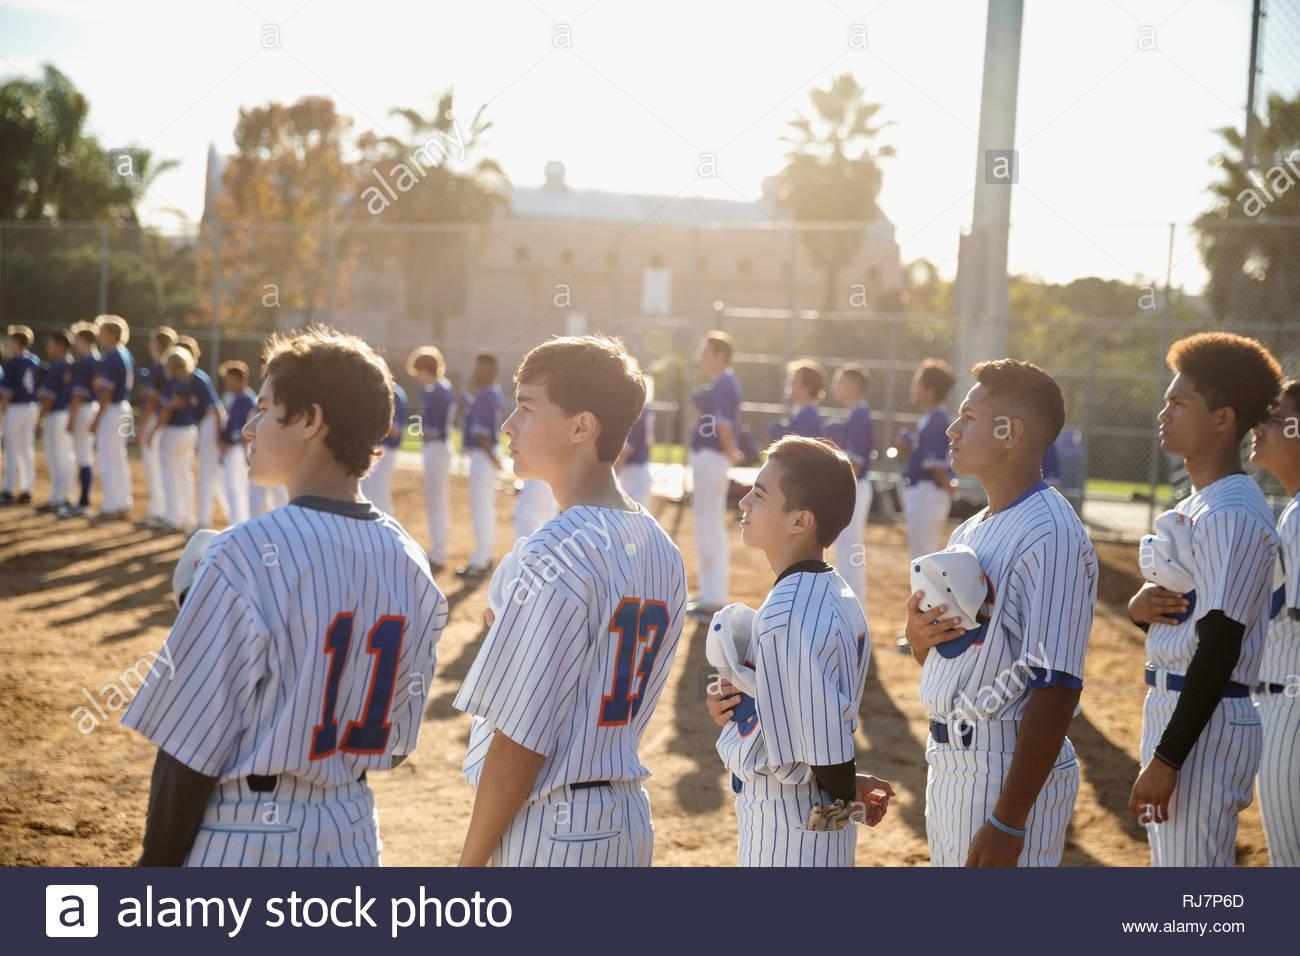 Los jugadores de béisbol de pie en una fila para el himno nacional en el campo soleado Imagen De Stock